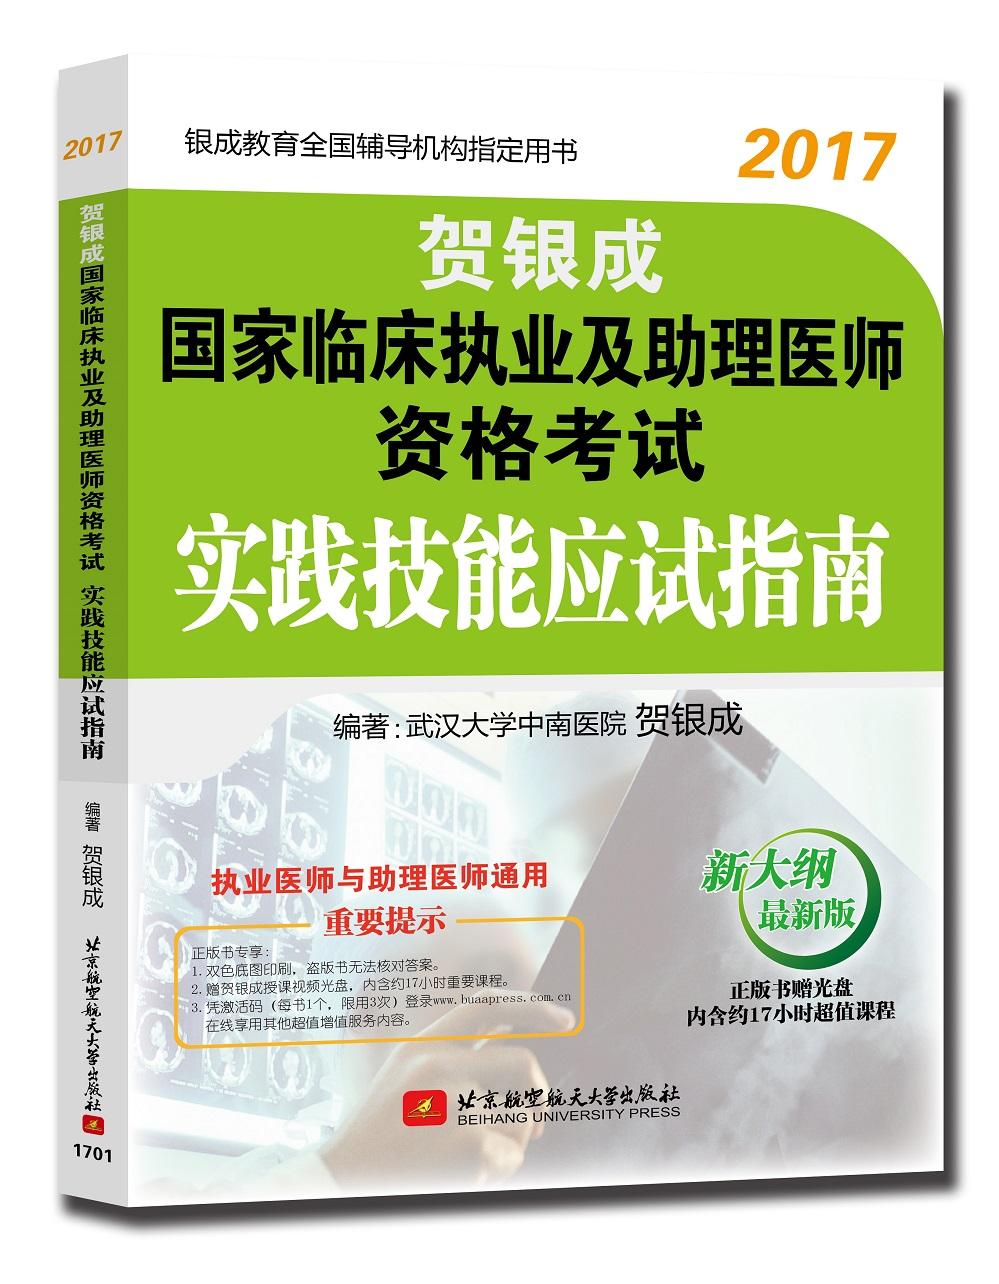 贺银成2017国家临床执业及助理医师资格考试实践技能应试指南